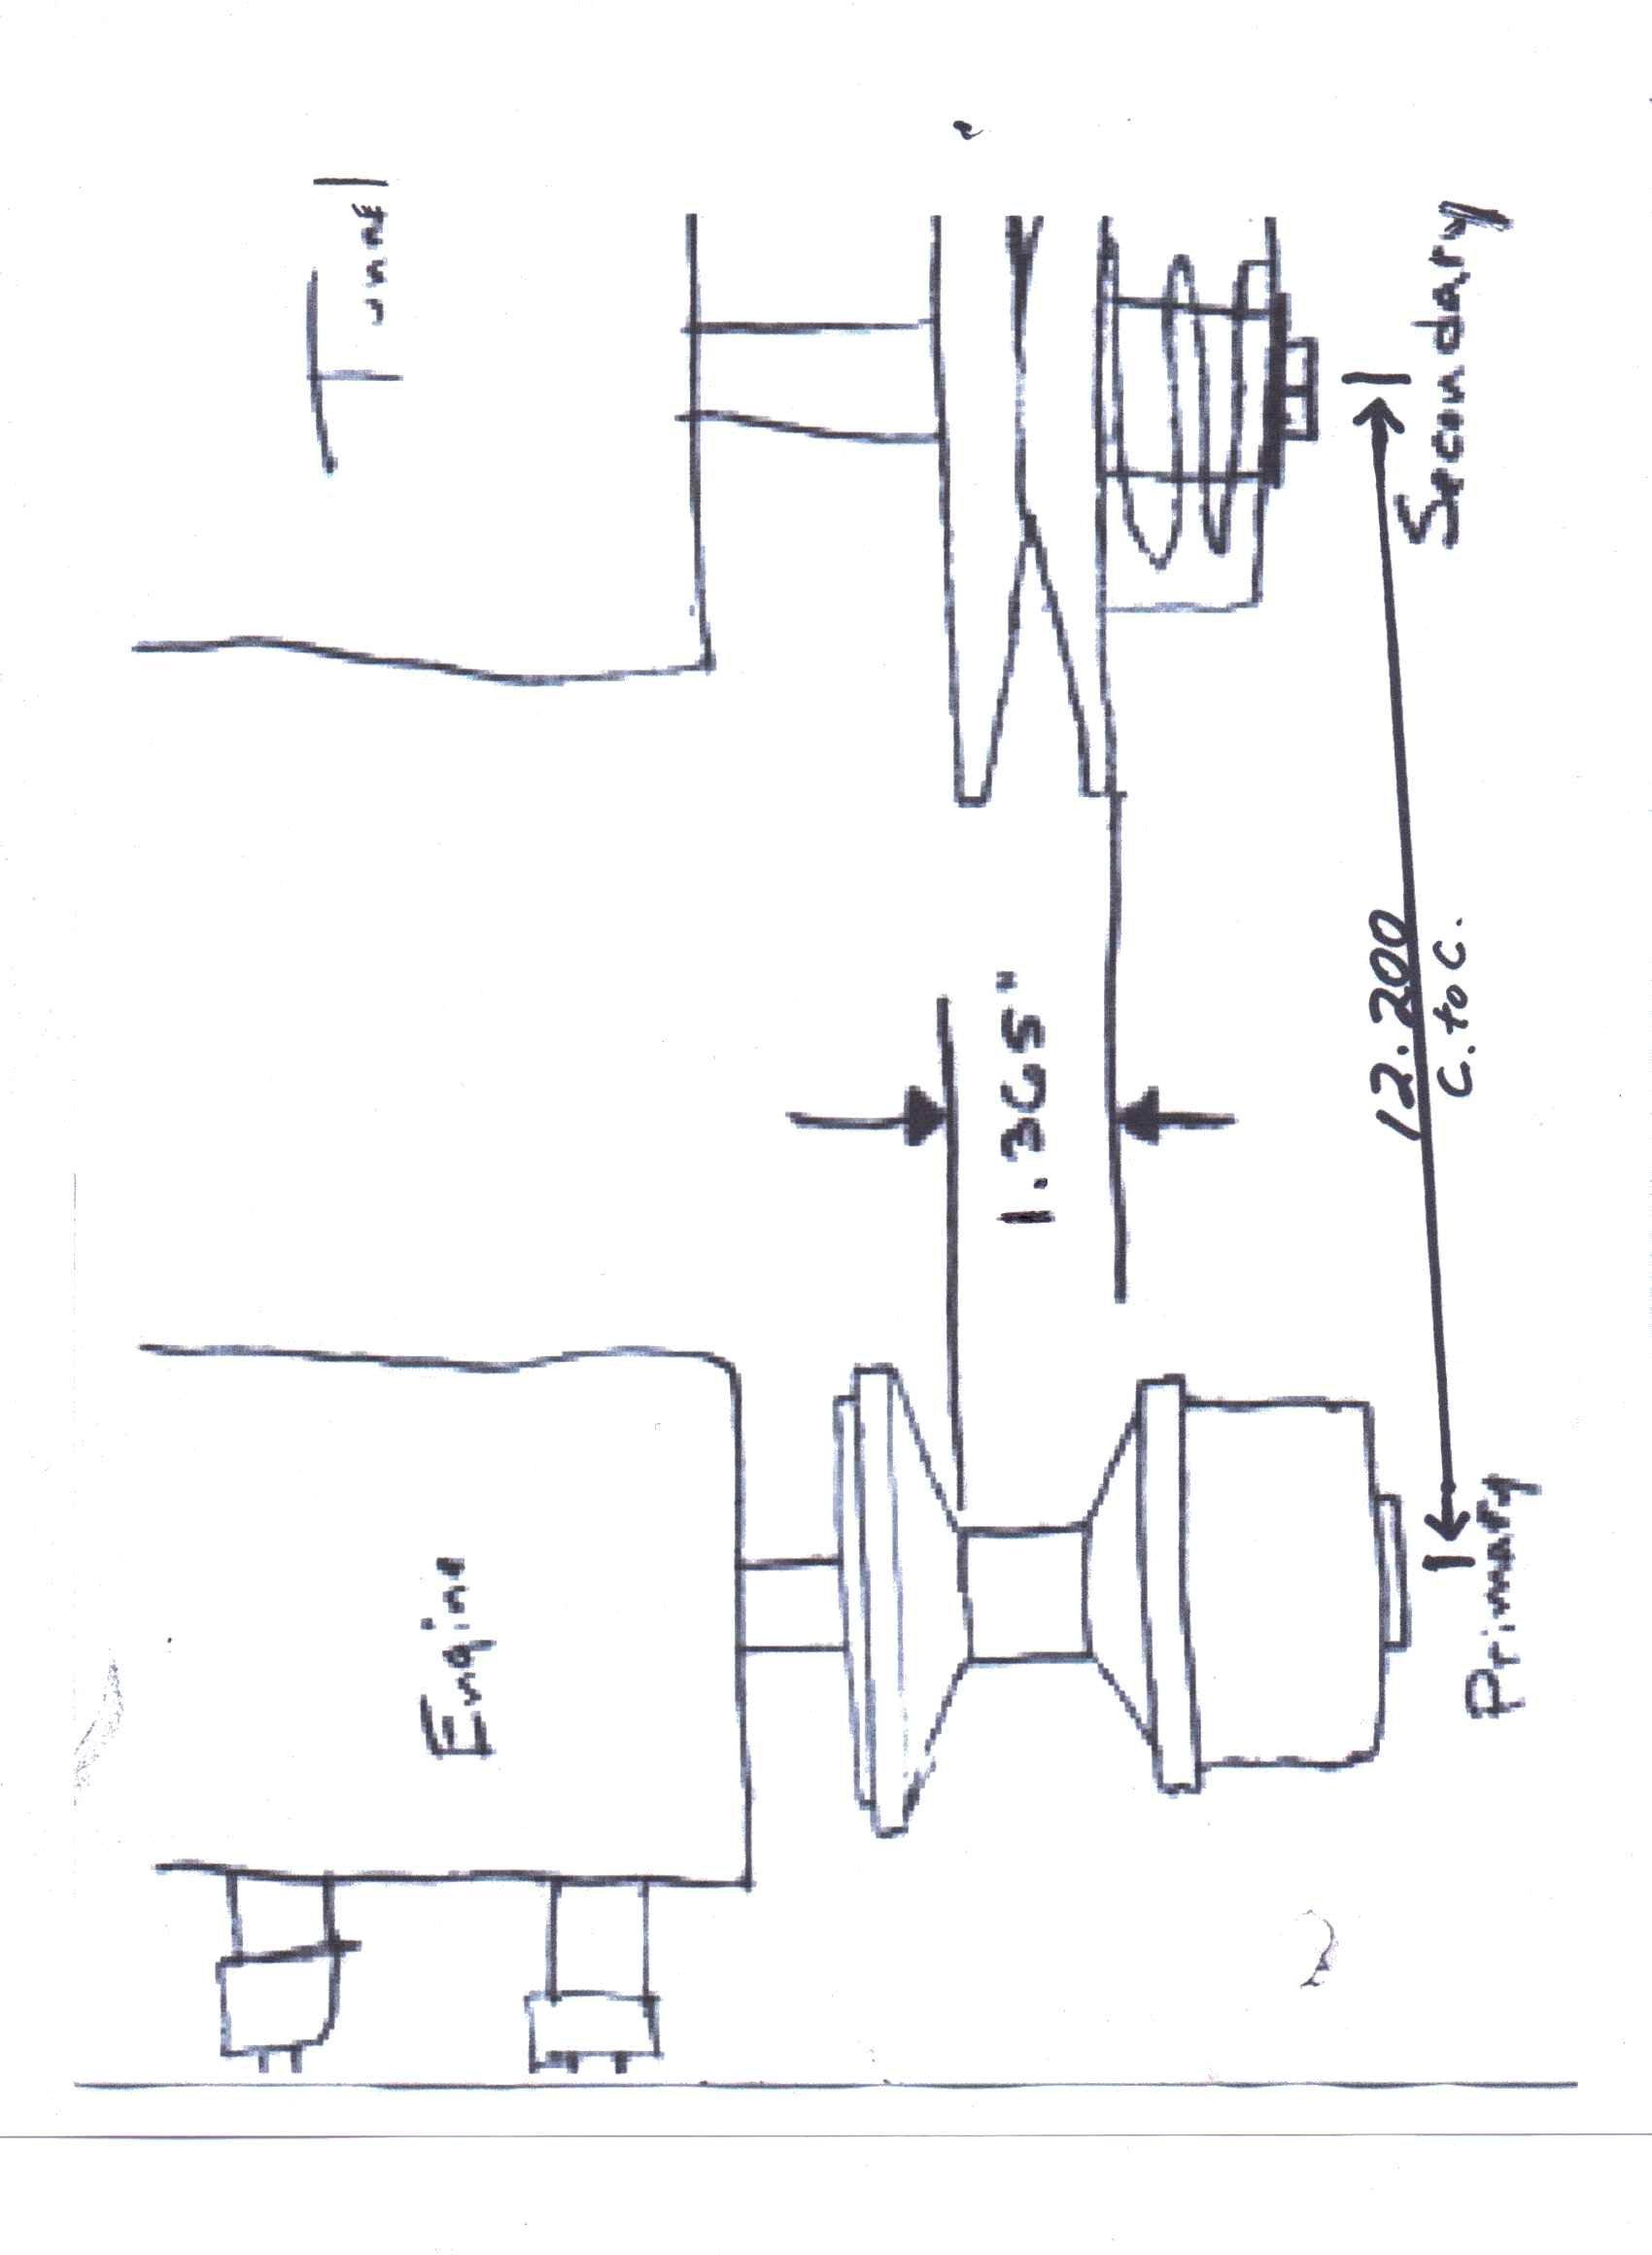 Arctic Cat Zrt Engine Swap